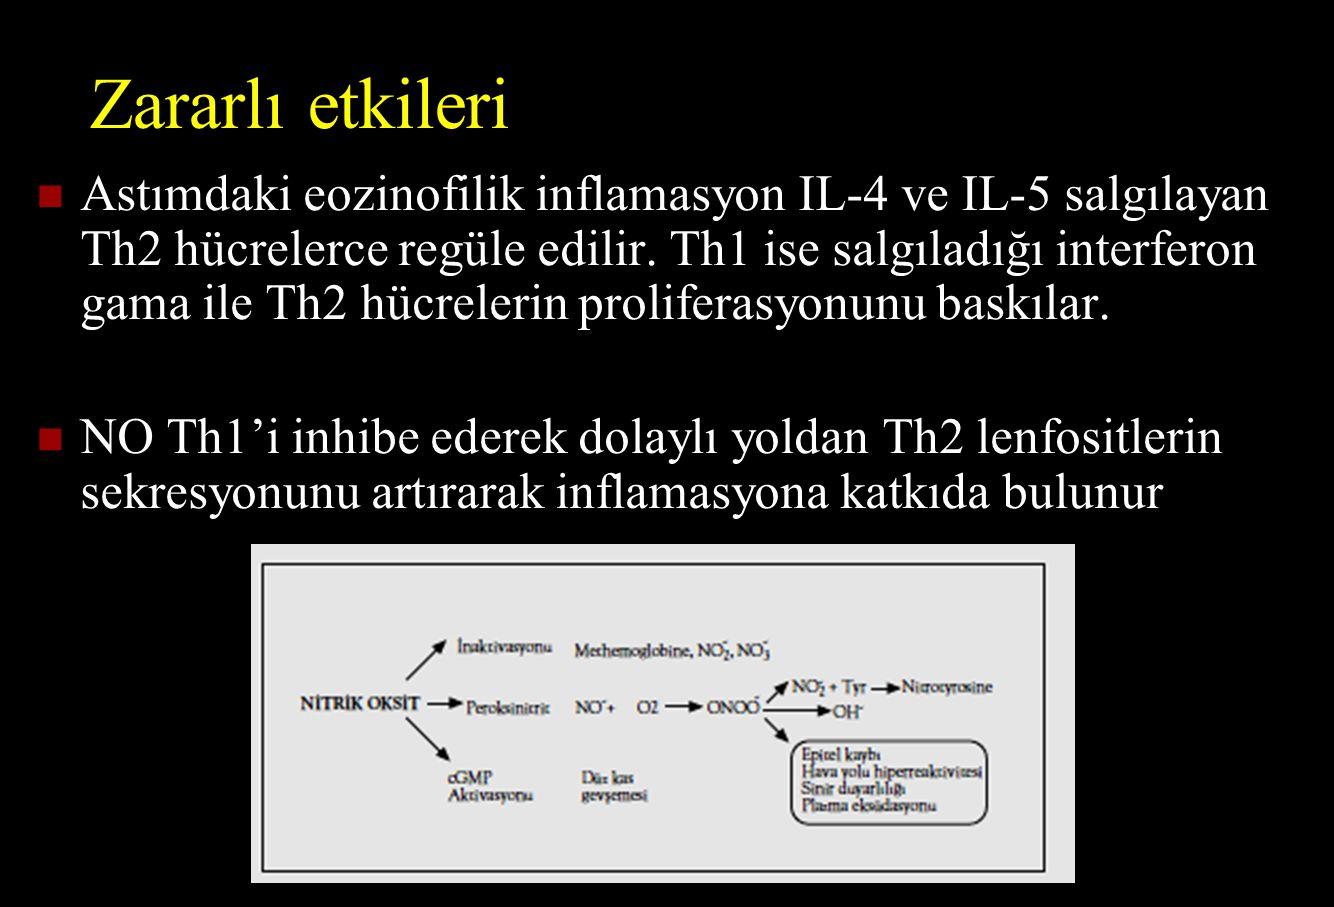 Zararlı etkileri Astımdaki eozinofilik inflamasyon IL-4 ve IL-5 salgılayan Th2 hücrelerce regüle edilir. Th1 ise salgıladığı interferon gama ile Th2 h